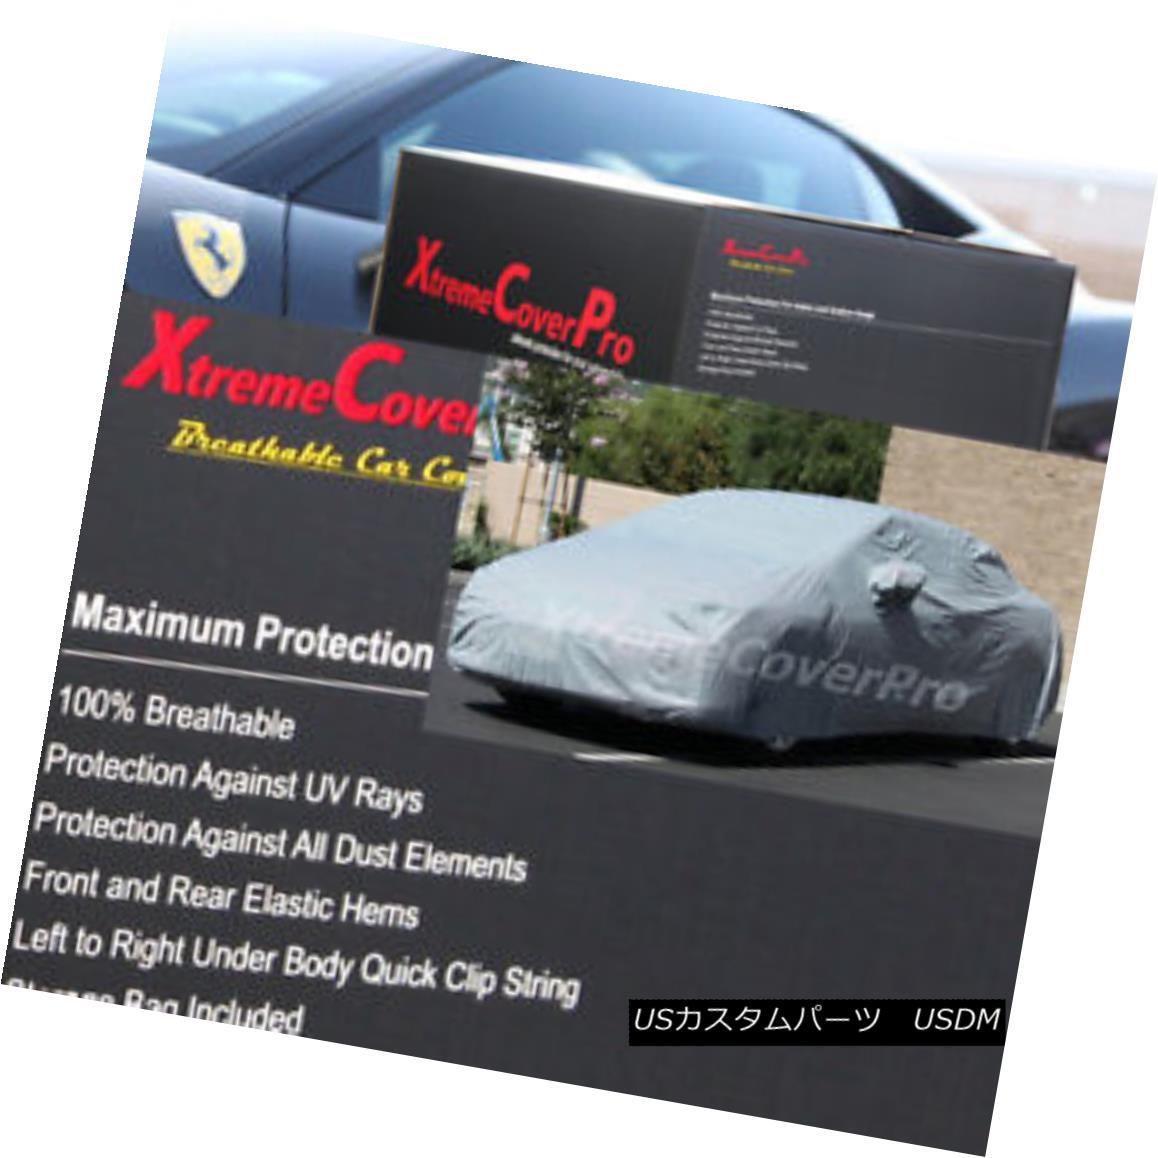 カーカバー 2001 2002 Mercedes CLK320 CLK430 CLK55 Breathable Car Cover w/MirrorPocket 2001年2002年メルセデスCLK320 CLK430 CLK55通気性車カバー付きMirrorPocket